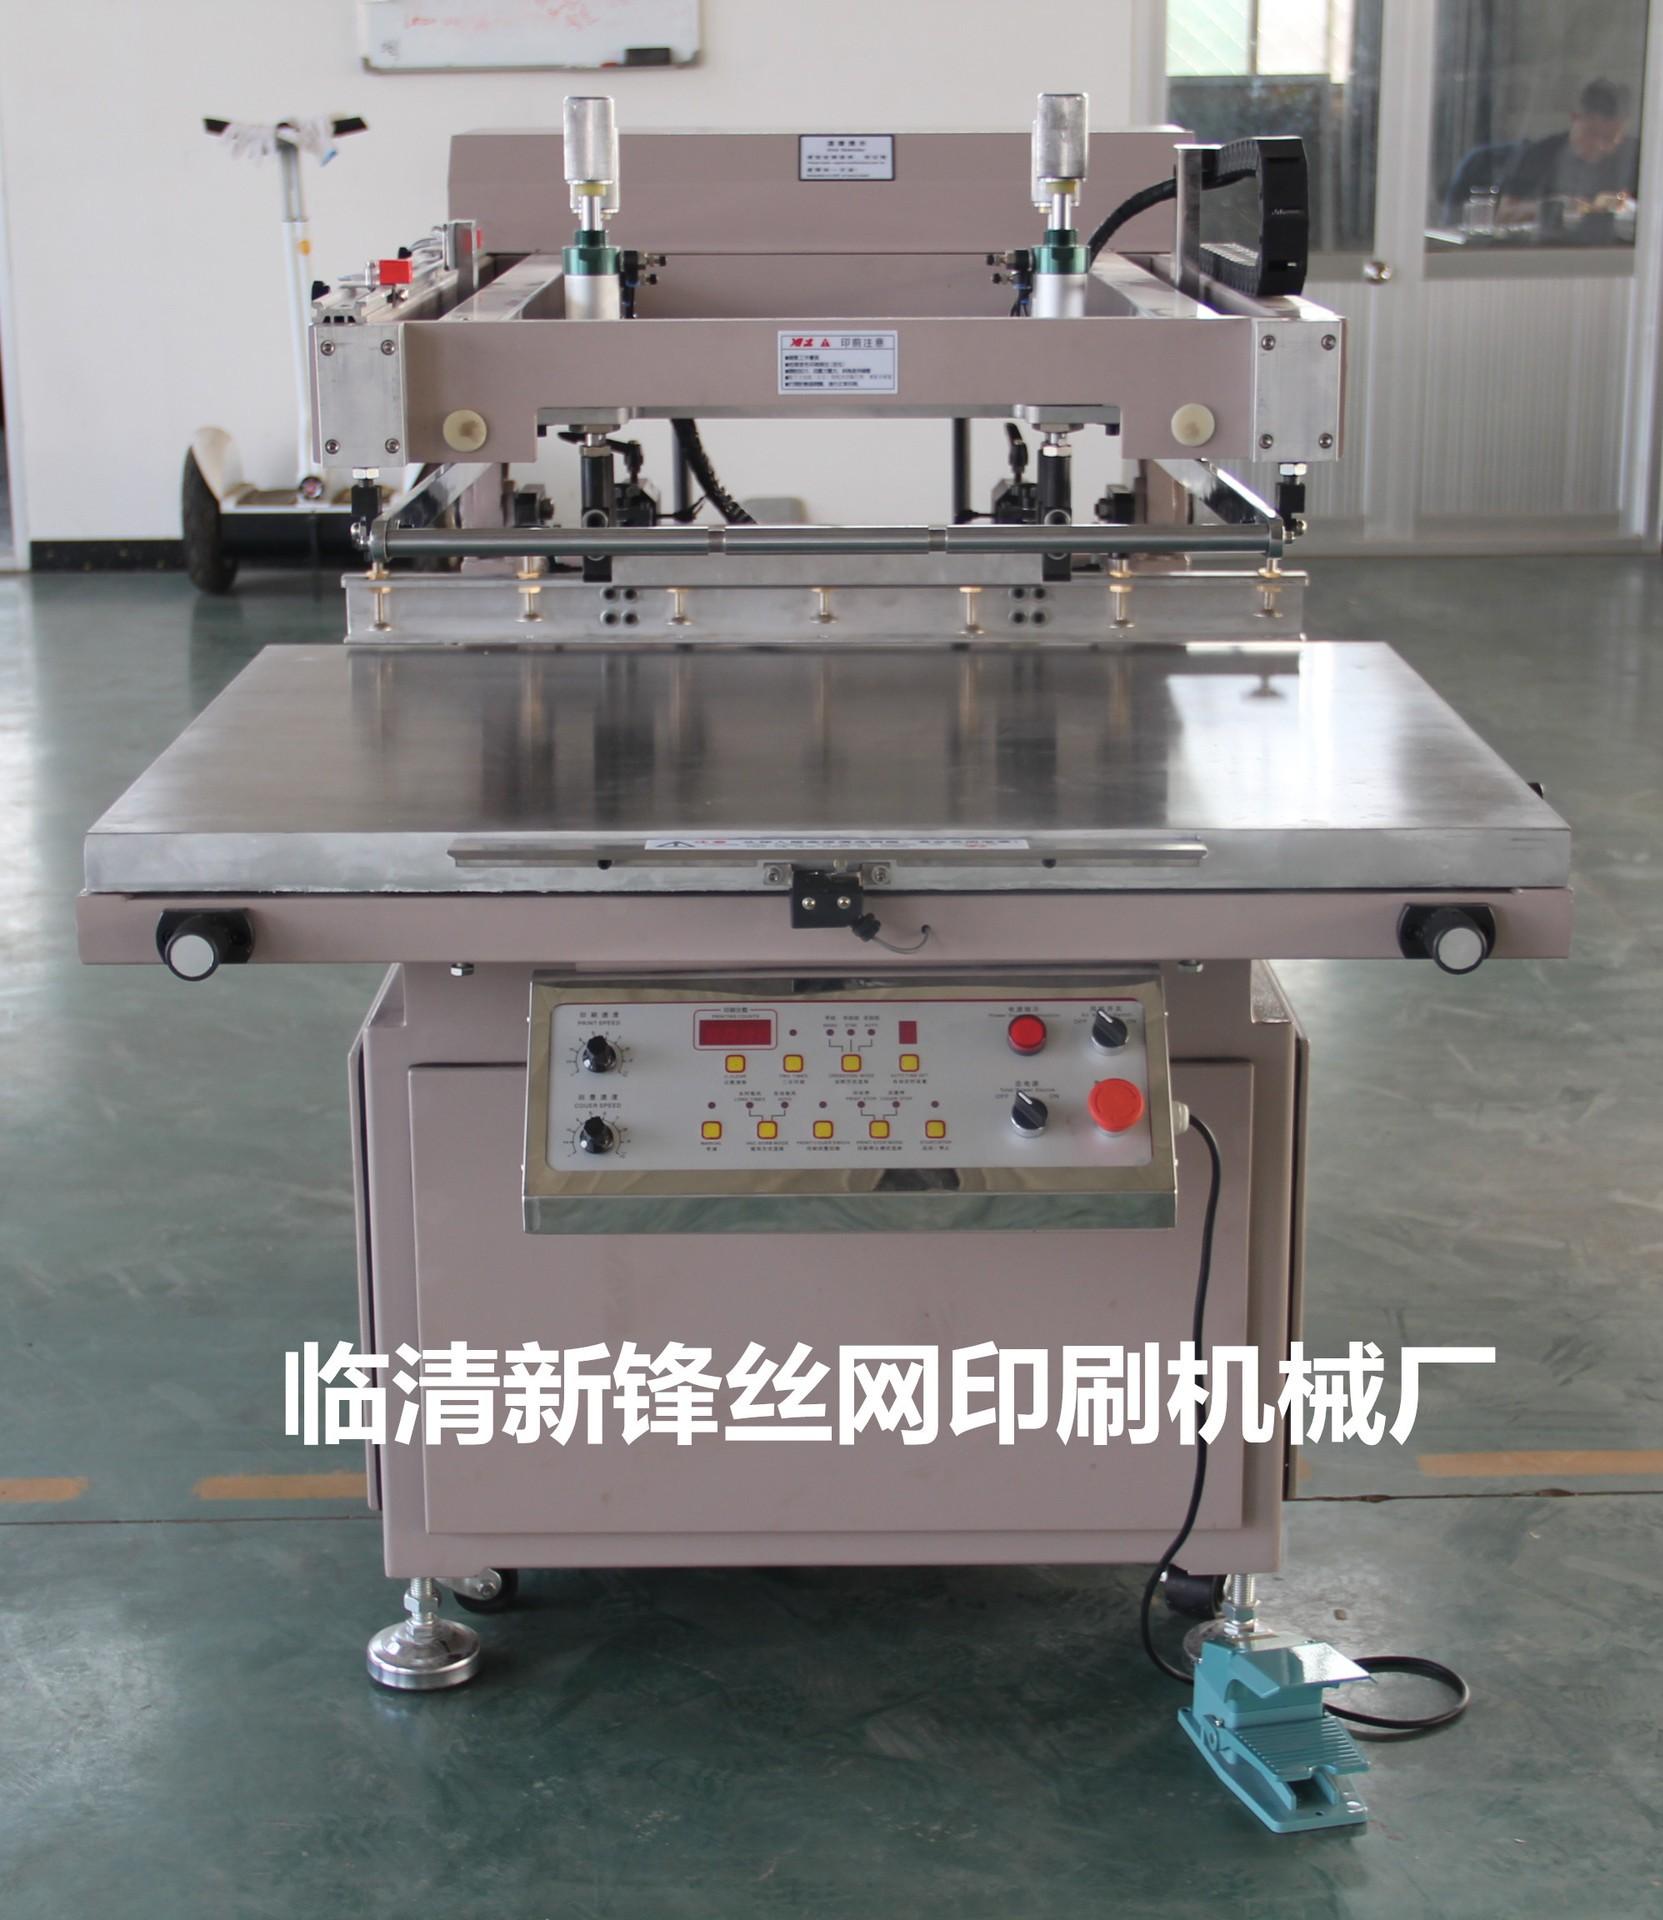 新锋丝网印刷机械厂专业生产半自动丝印机 纸质包装